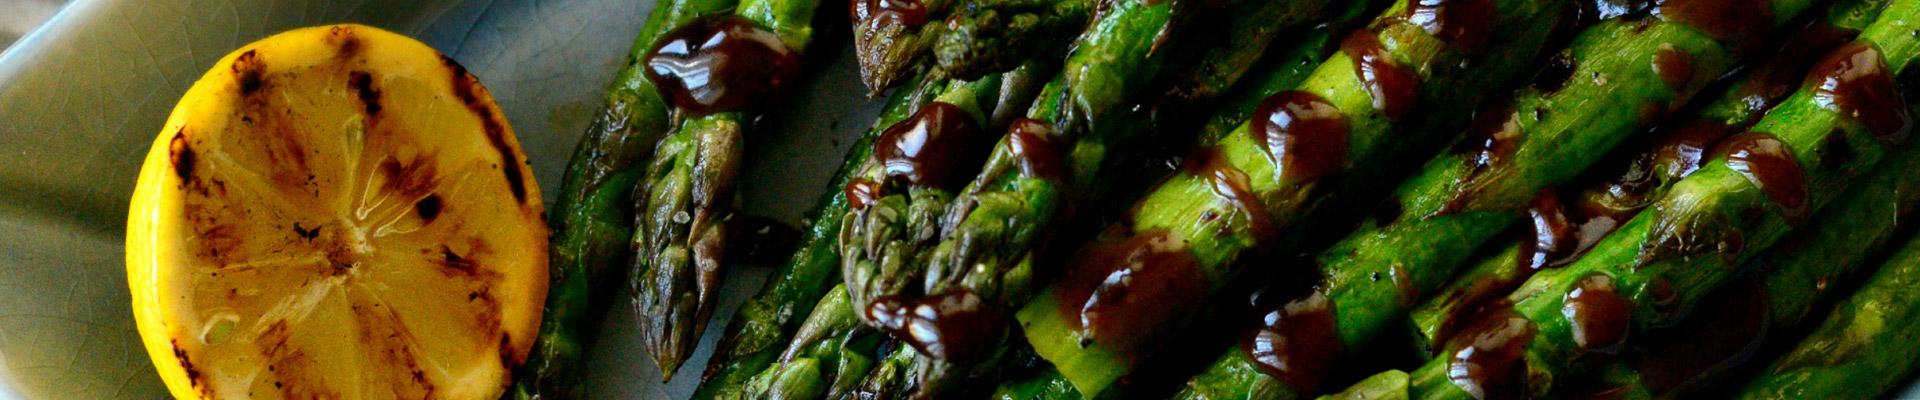 Grilled Asparagus with Balsamic Honey-Dijon Vinaigrette - # ...